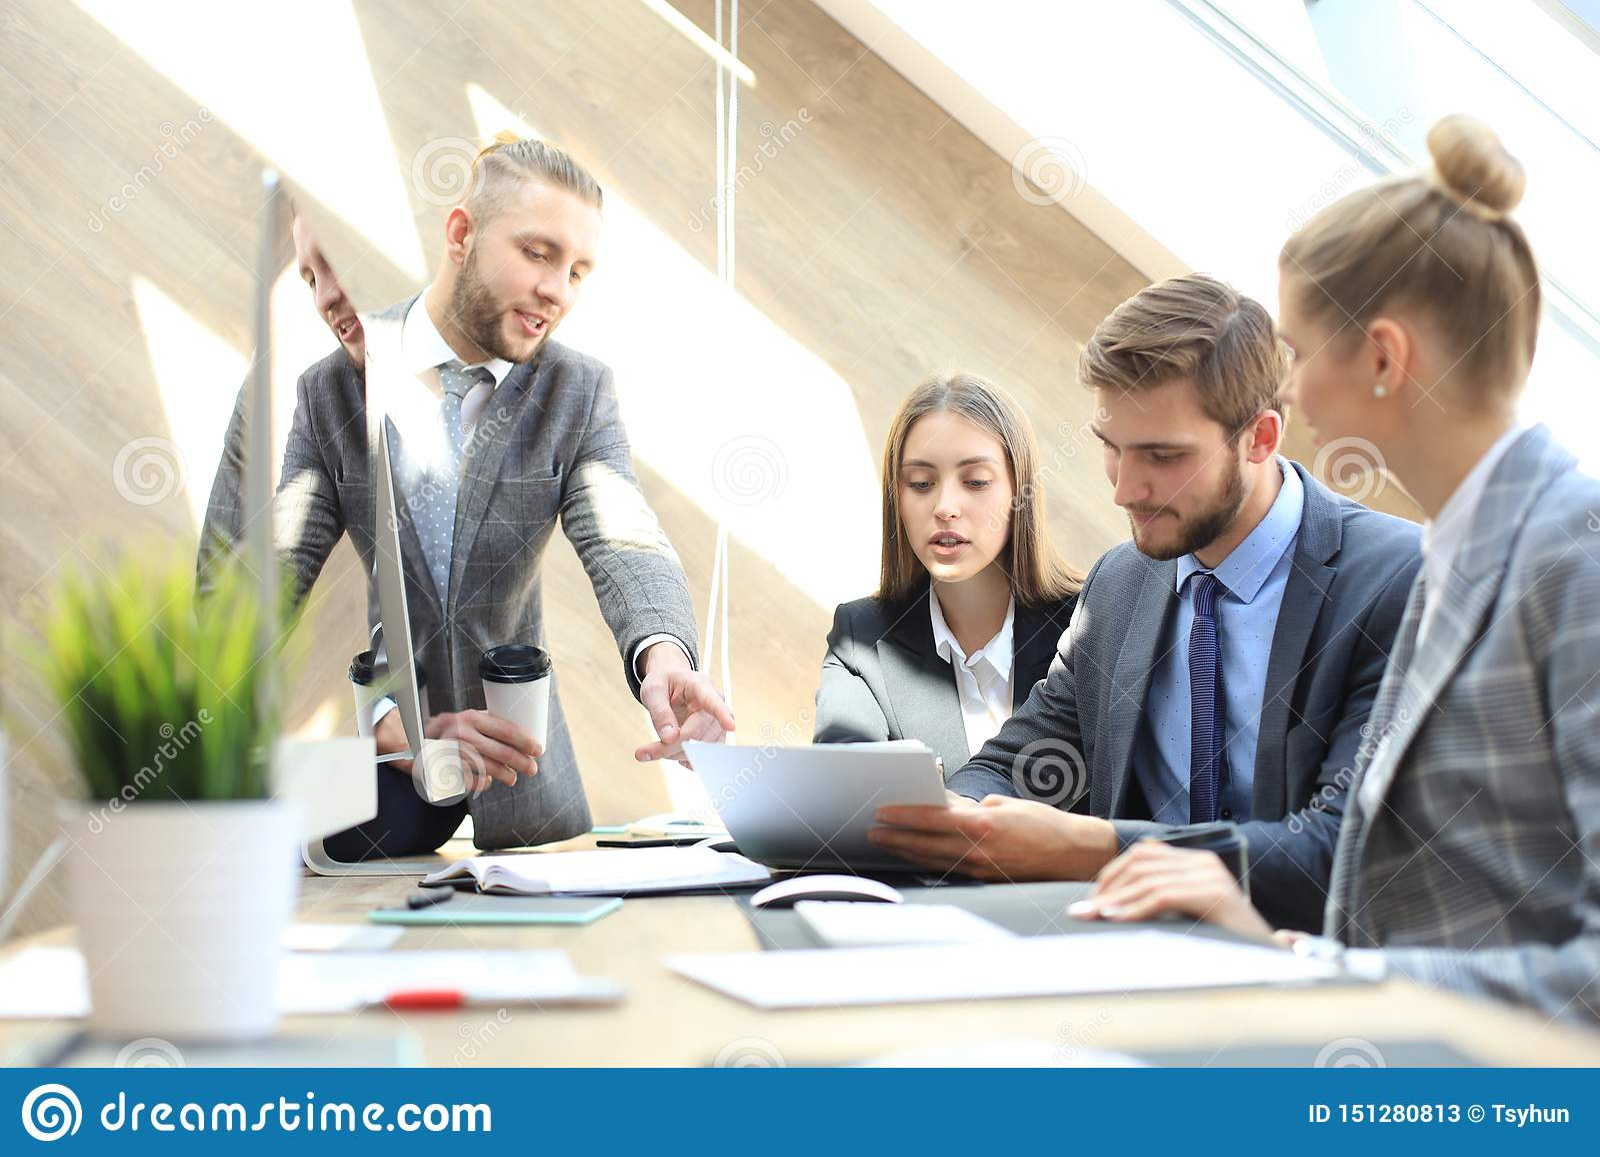 商务伙伴谈论文件和想法在见面